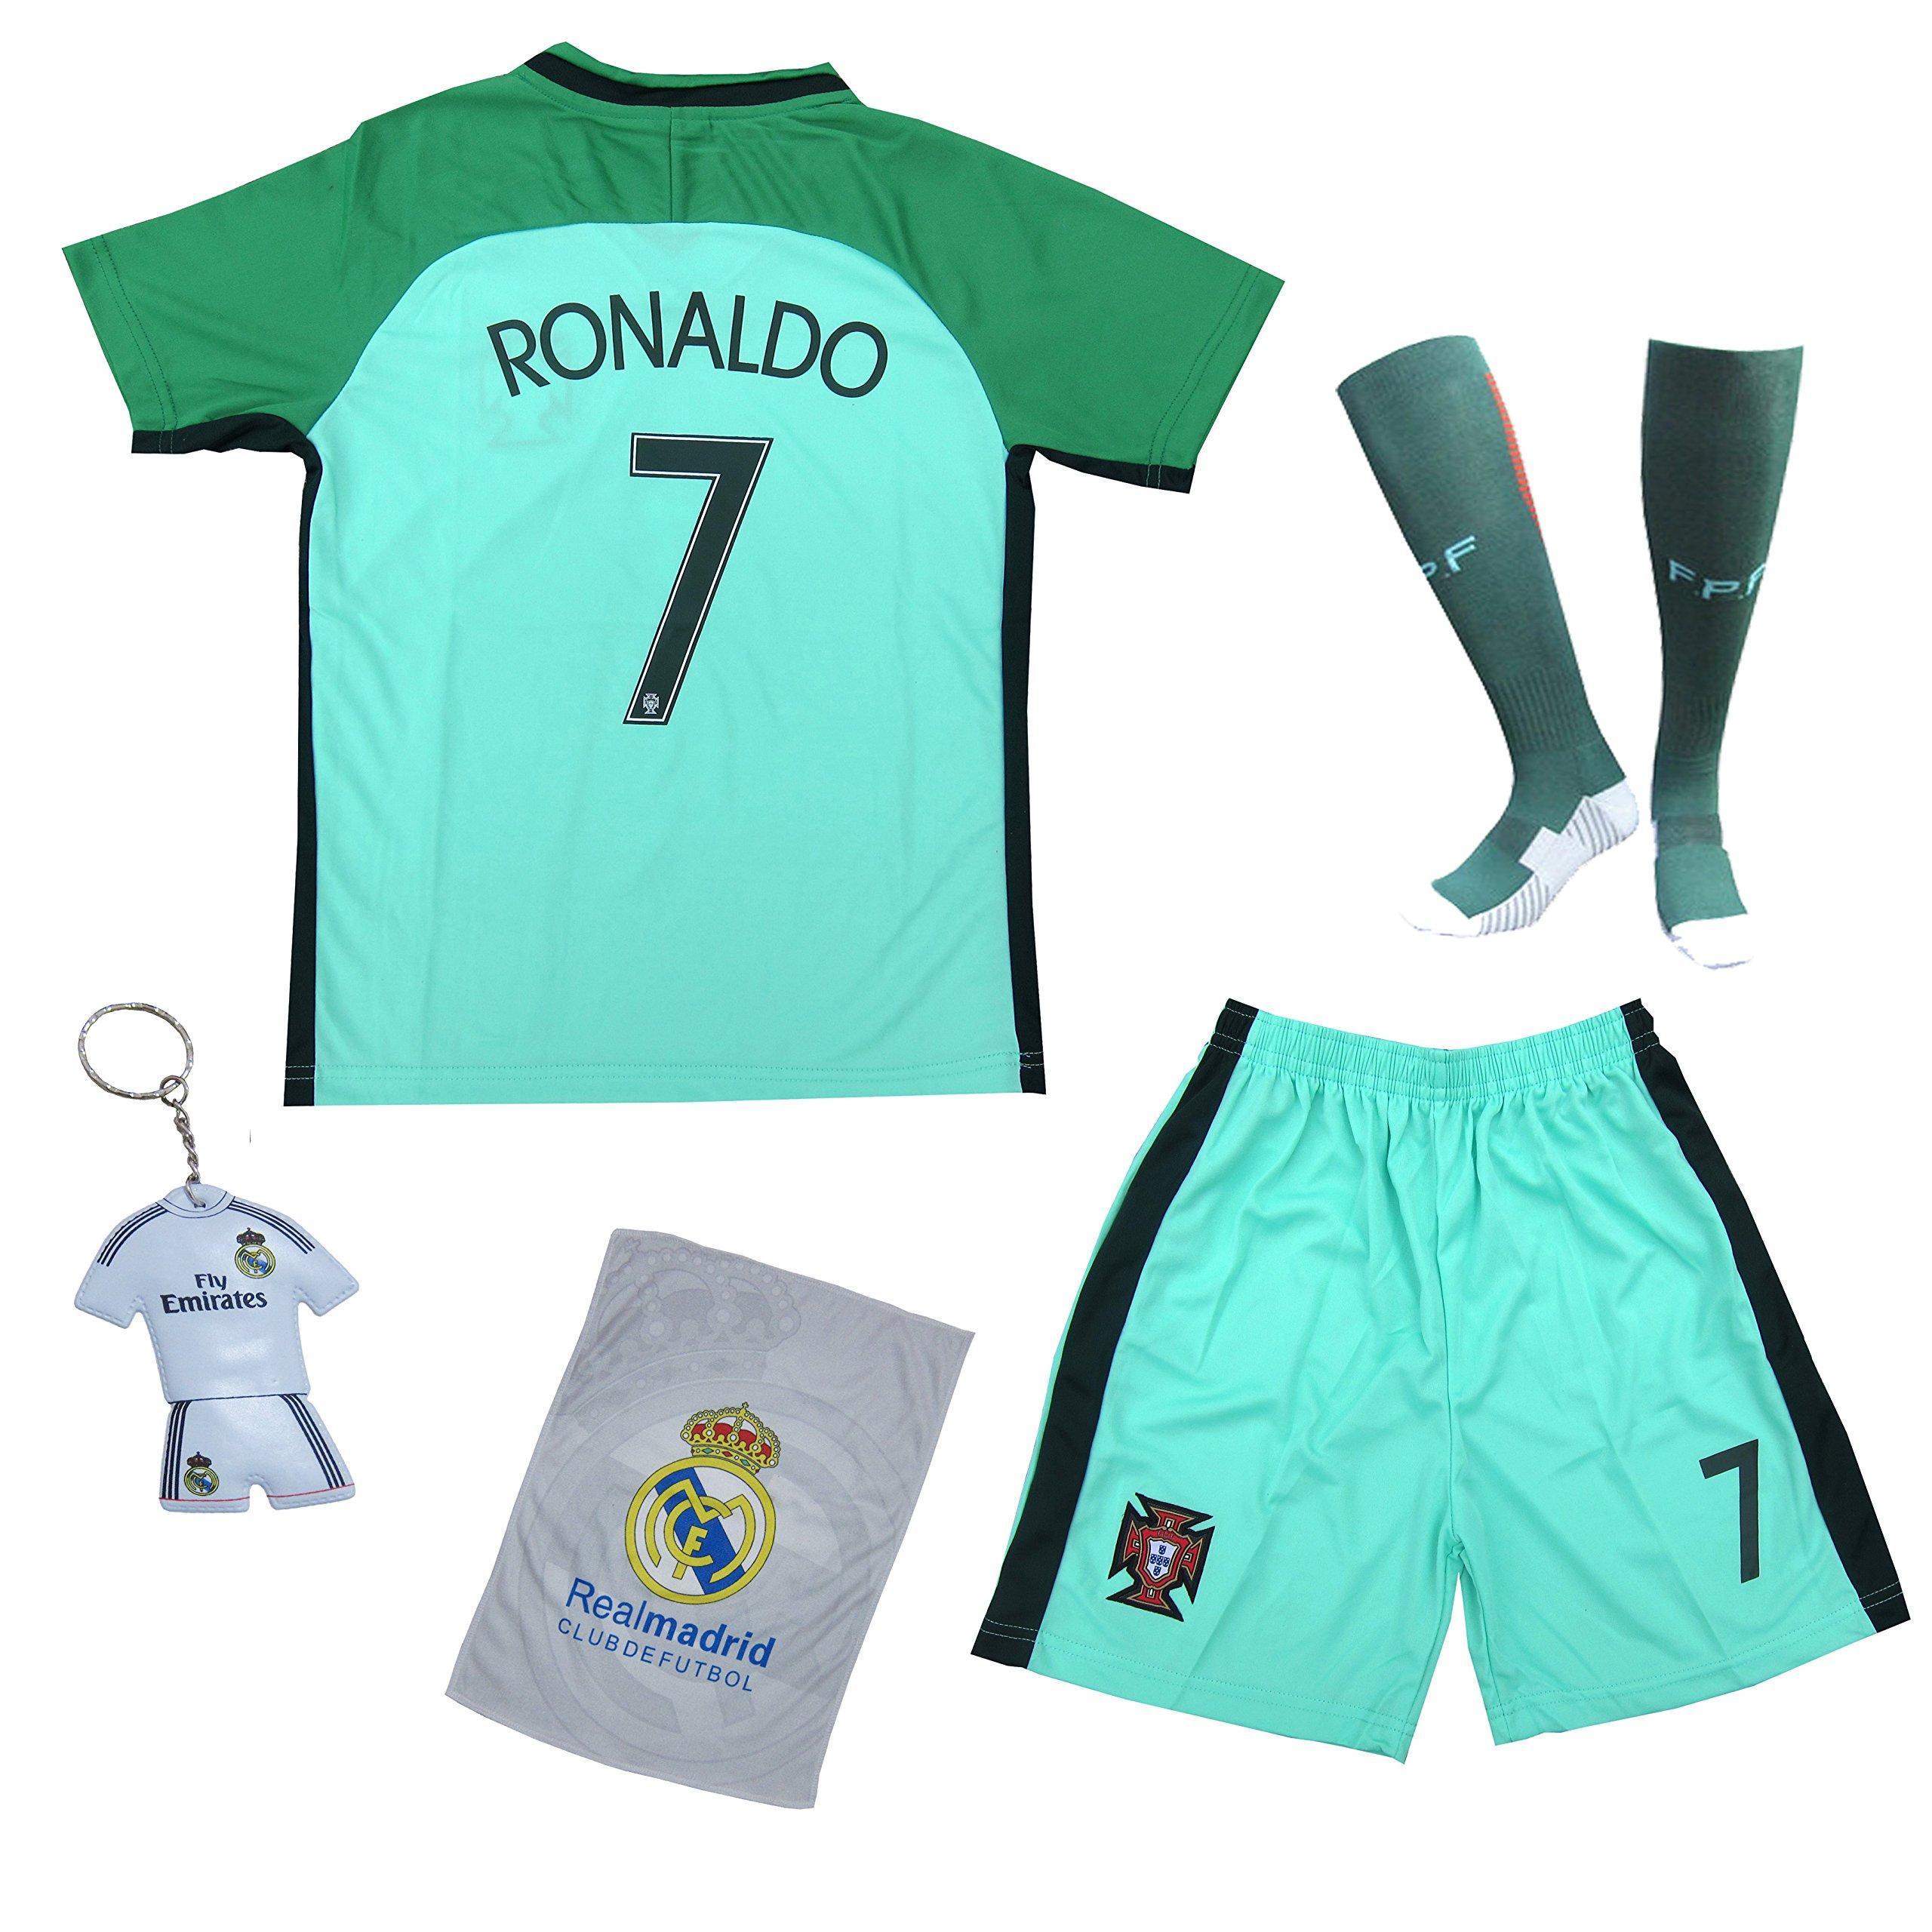 Mundial de Fútbol 2018 – Segunda equipación de Portugal nº 7, Cristiano Ronaldo, visitante – verde – para niño – camiseta, pantalón y medias, 18 (3-4 Jahre): Amazon.es: Deportes y aire libre